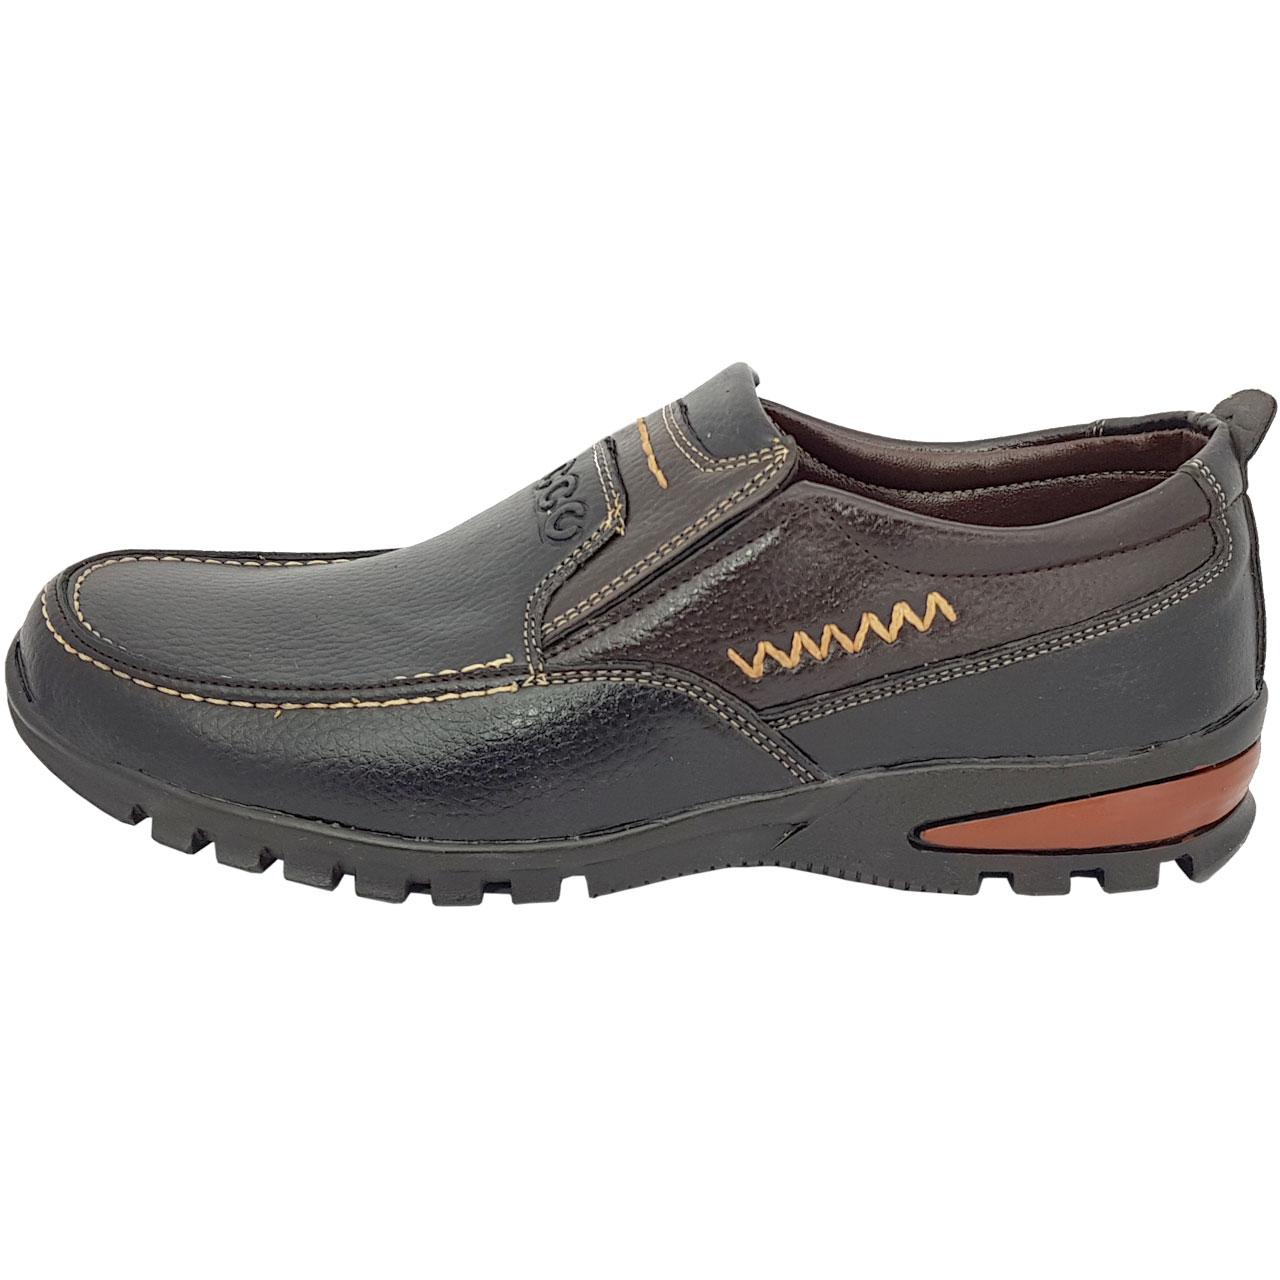 کفش روزمره مردانه کد sg 471